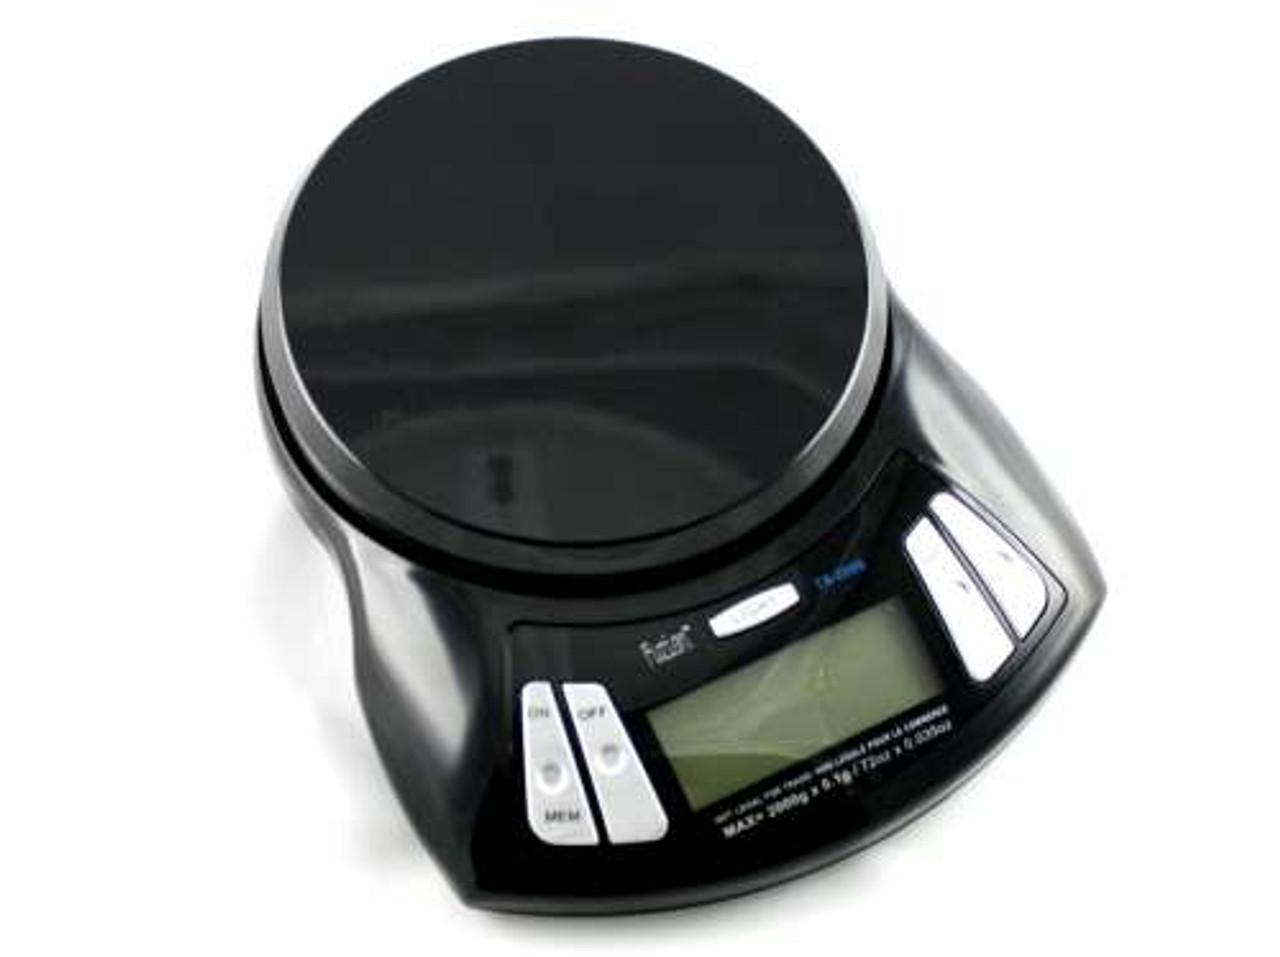 Fuzion Professional Digital Counter Scale